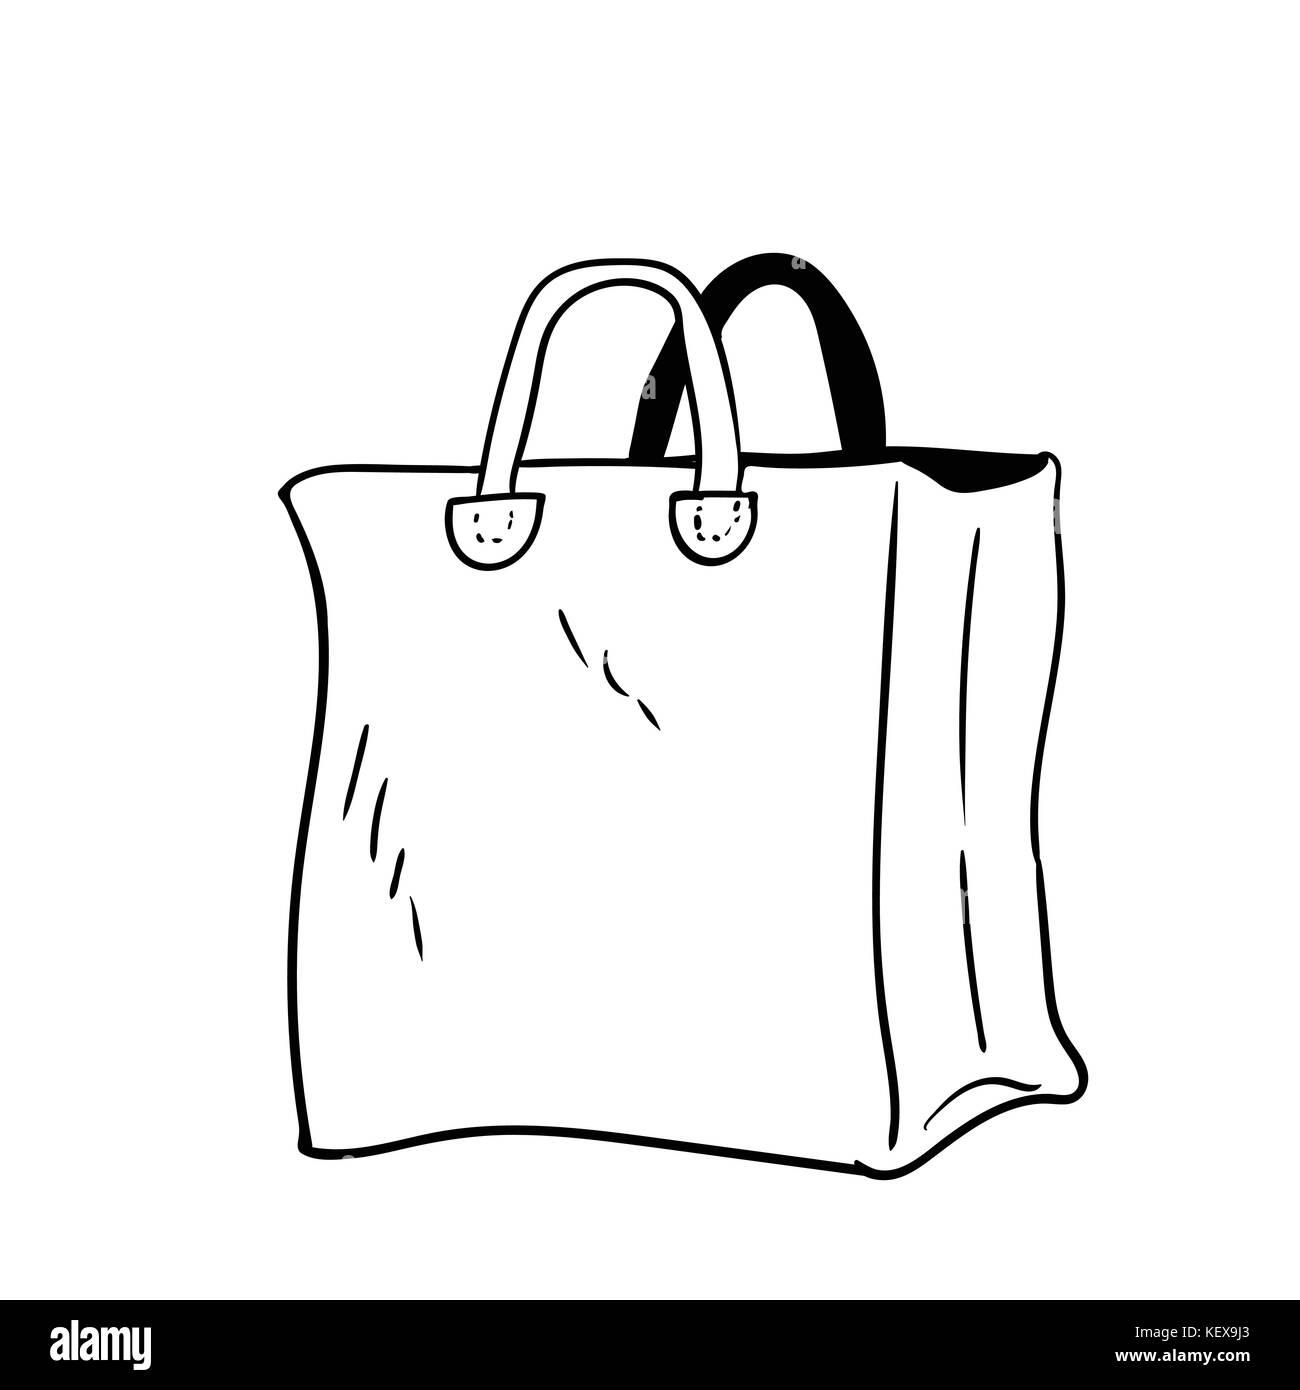 Illustration de la main sac style dessin anim des sacs design vector illustration vecteurs - Dessin de la main ...